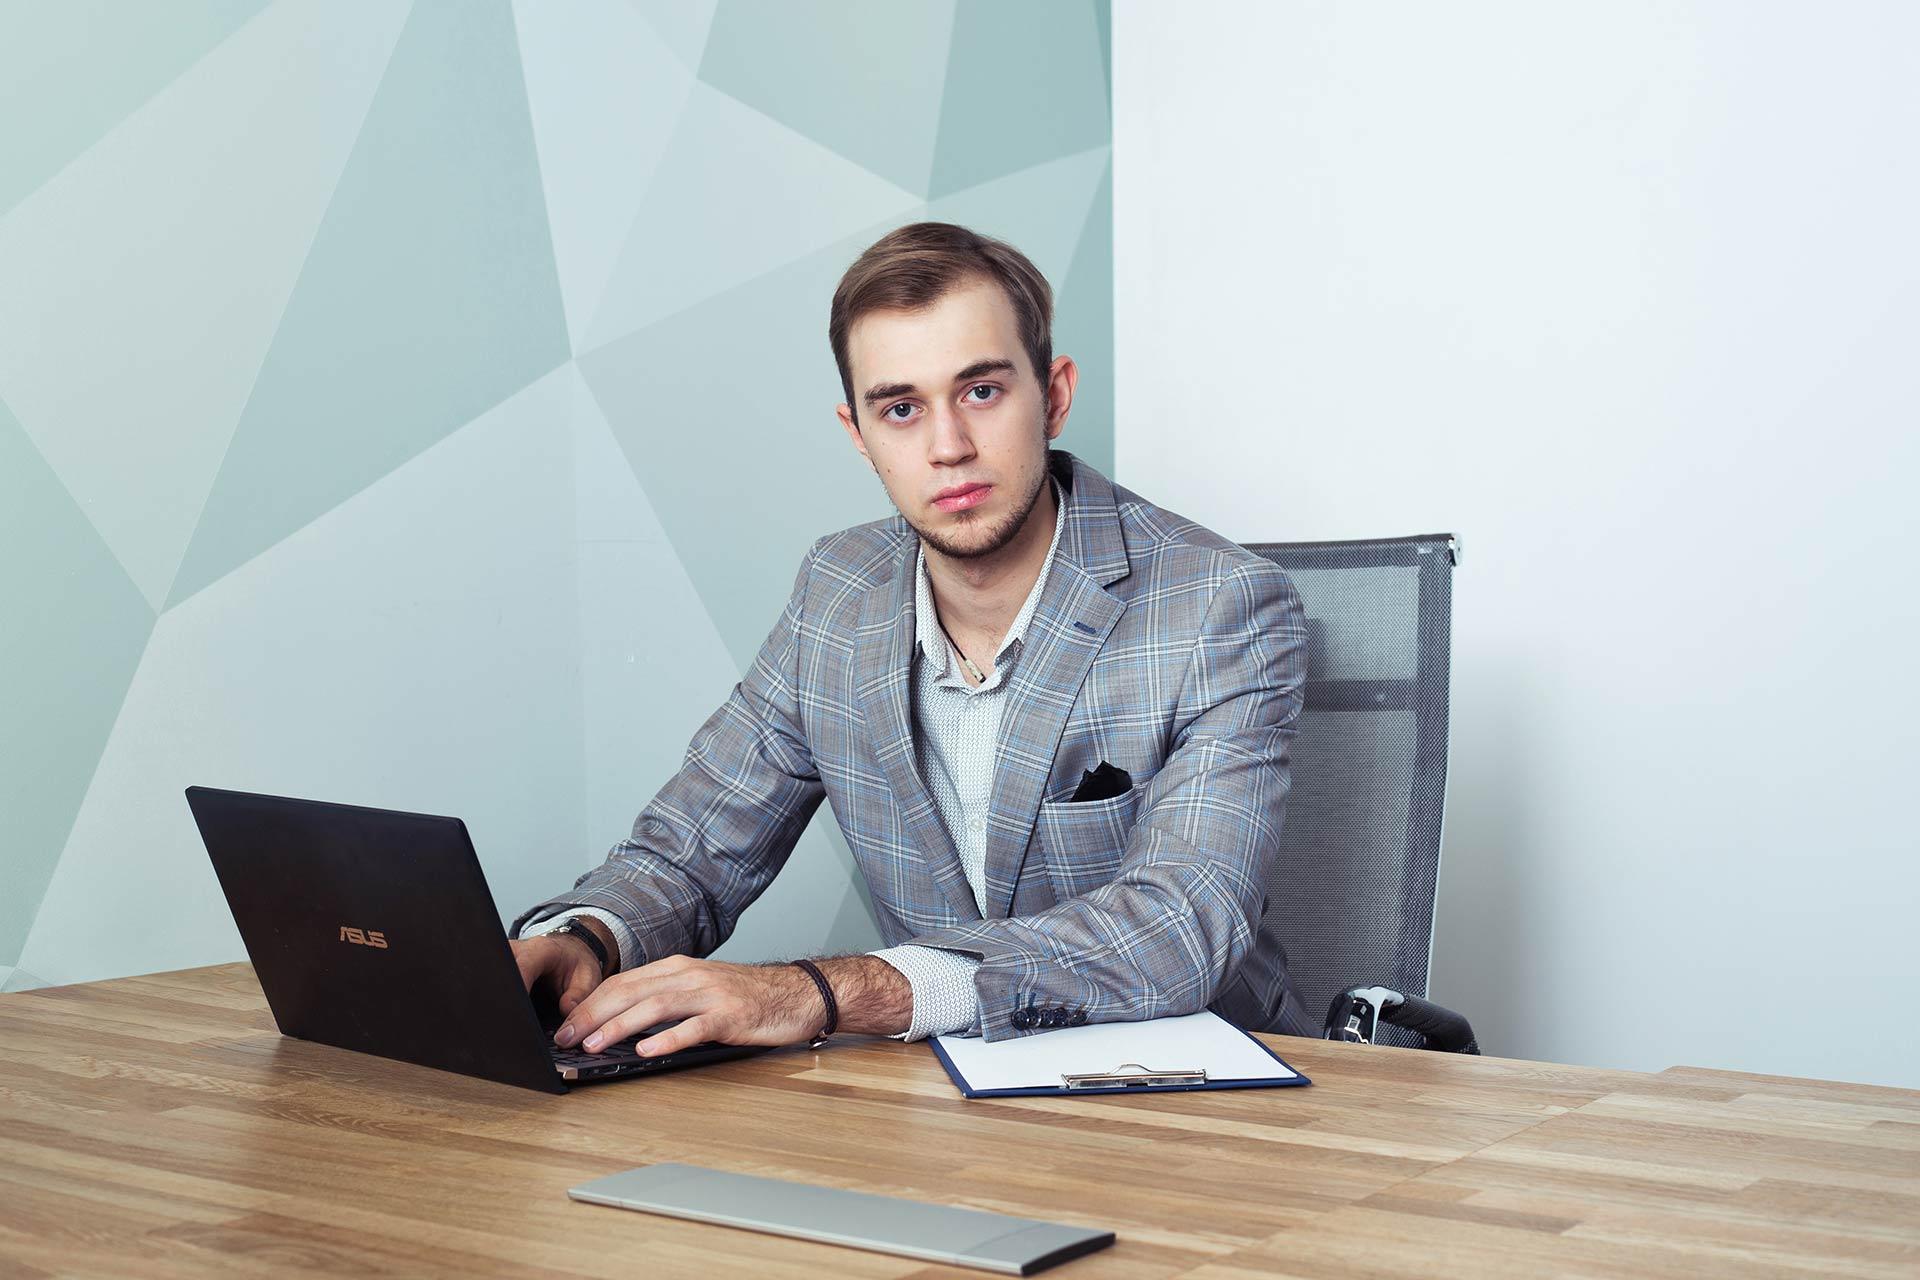 Даниил Гущин. Эксперт по систематизации и автоматизации, управляющий партнер Gudwin Consulting